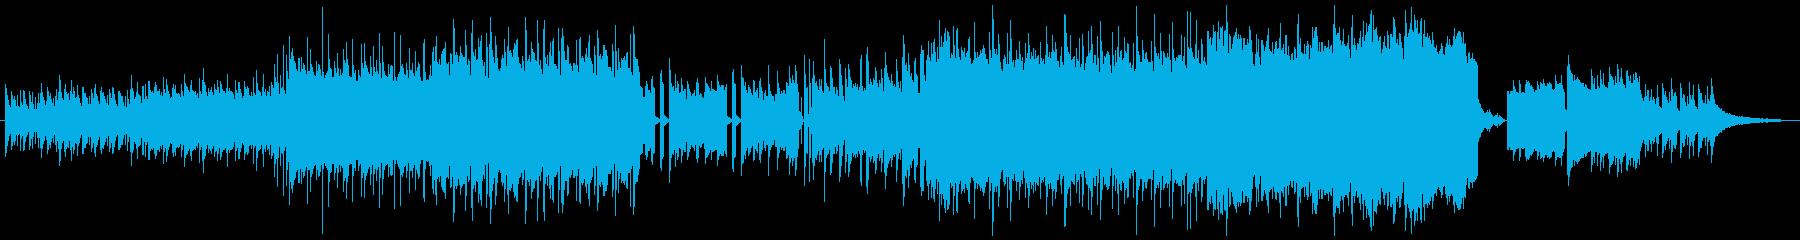 ピアノ・フルートが印象的な3拍子バラードの再生済みの波形